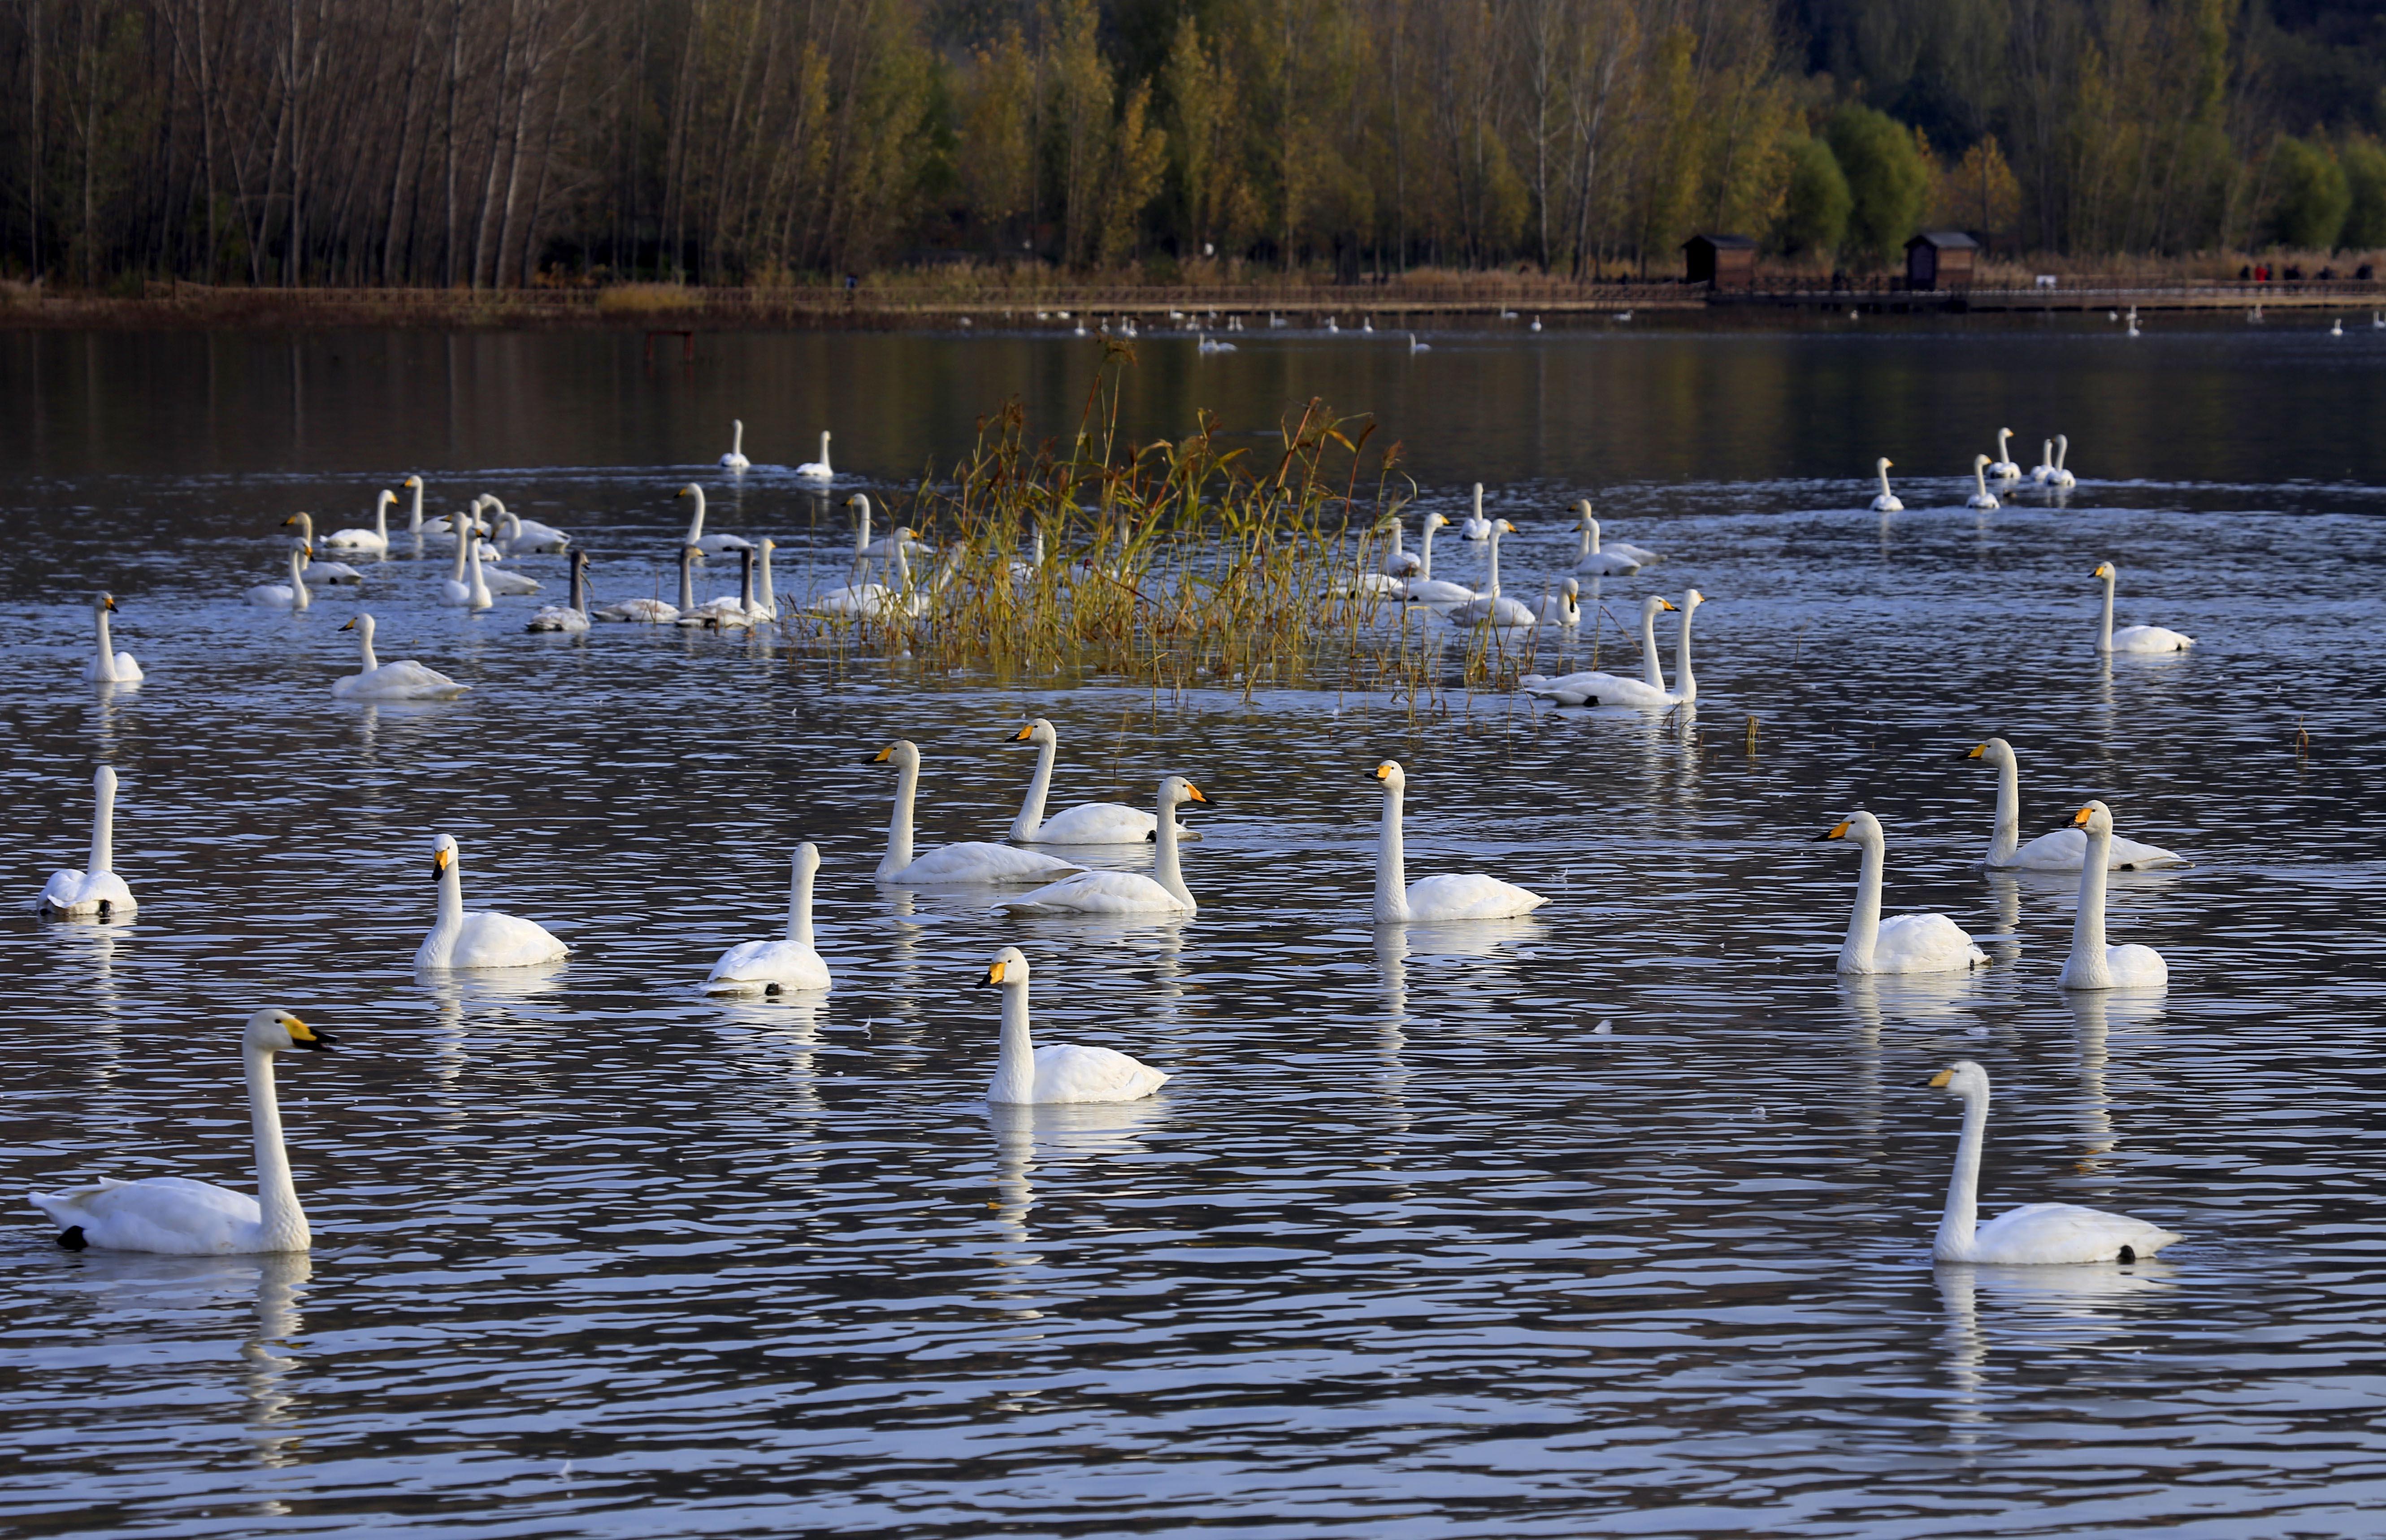 数千只大天鹅迁徙三门峡,平陆三湾大天鹅景区越冬